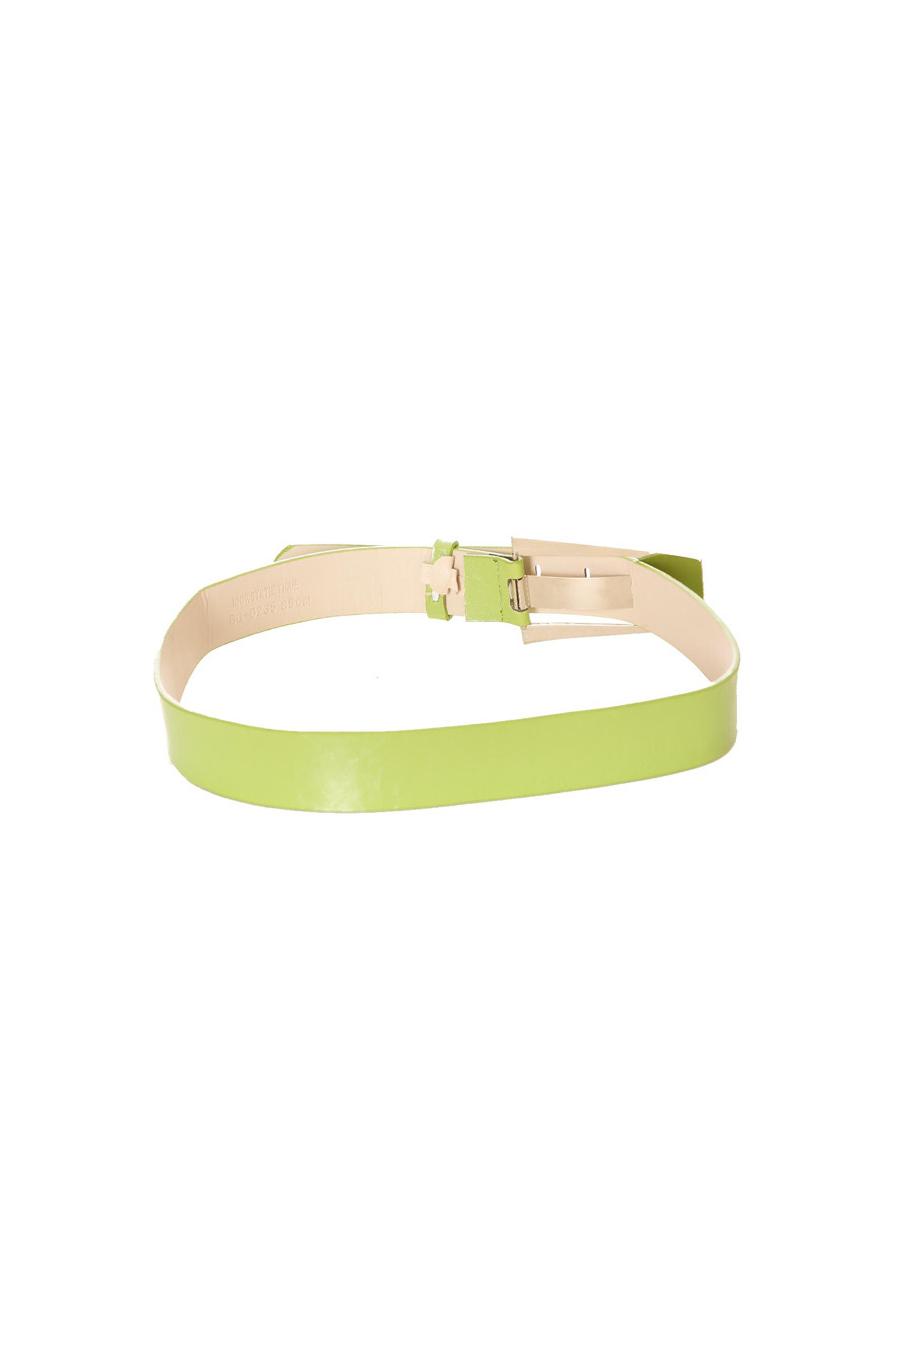 groene riem. B6-0235